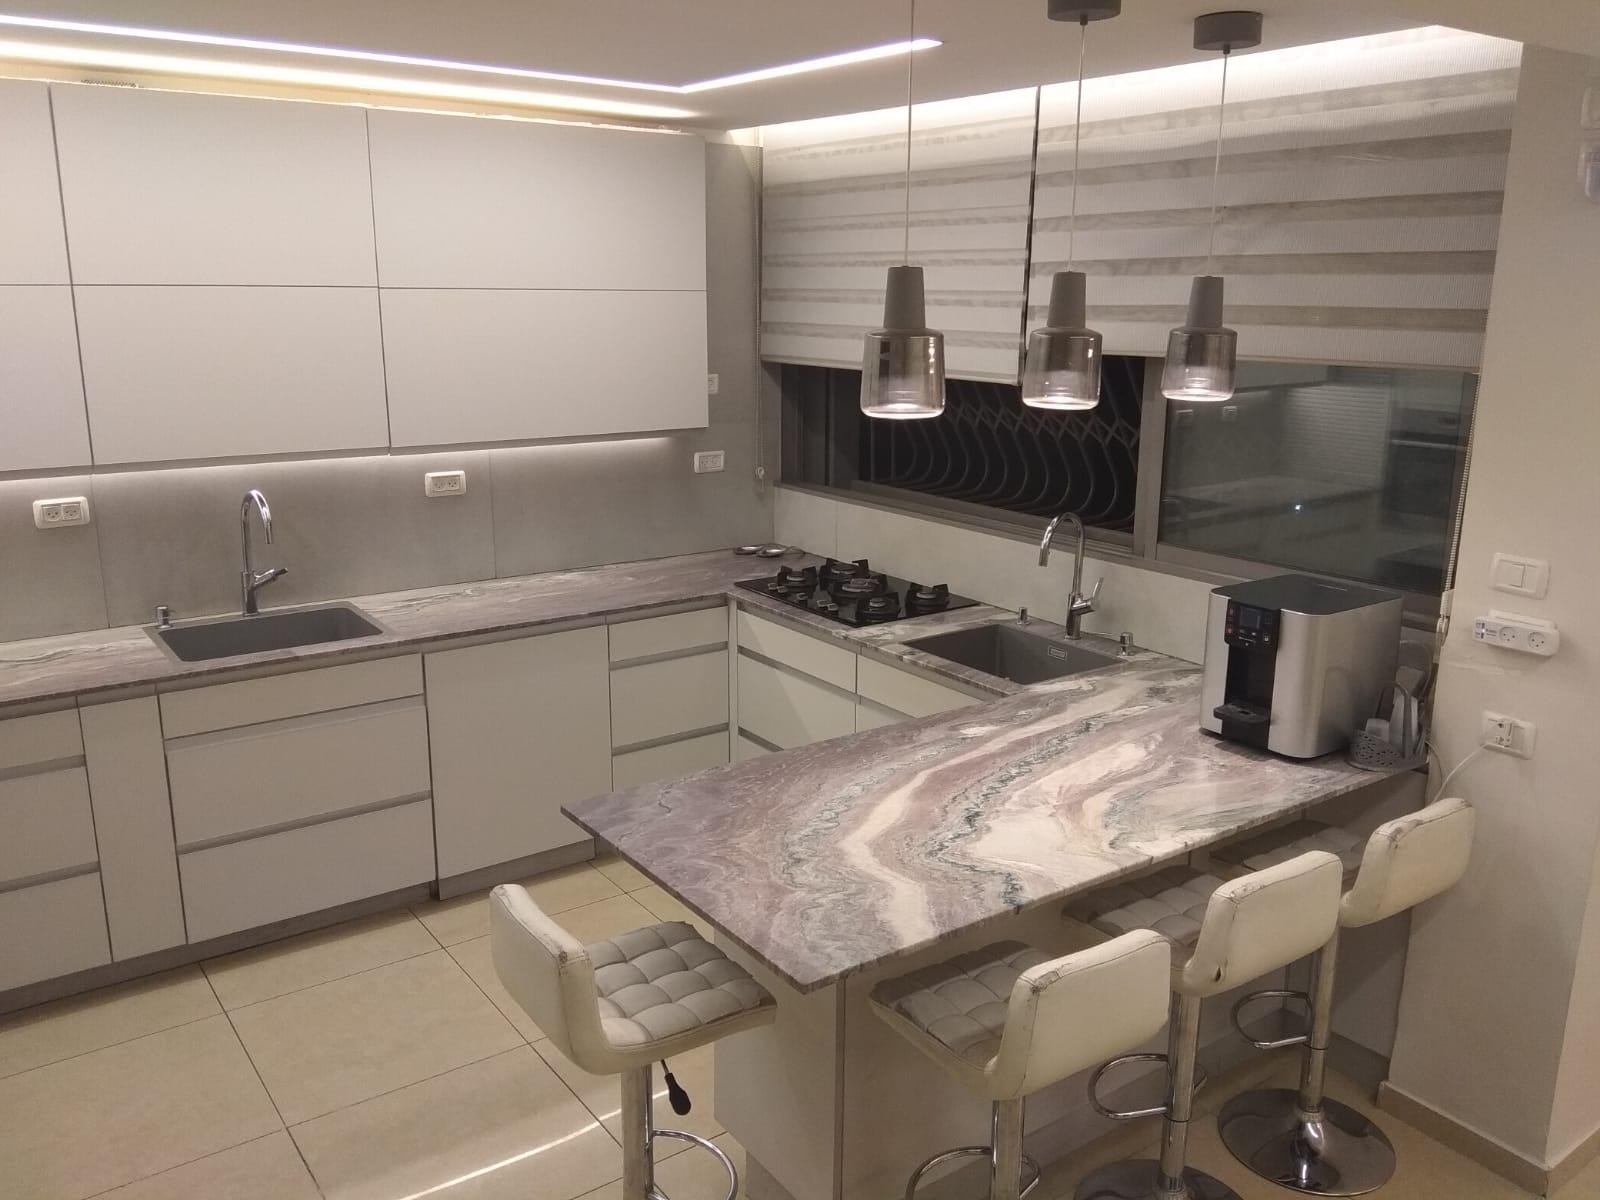 עיצוב פנים מטבח | אדריכלות מטבח - מטבח